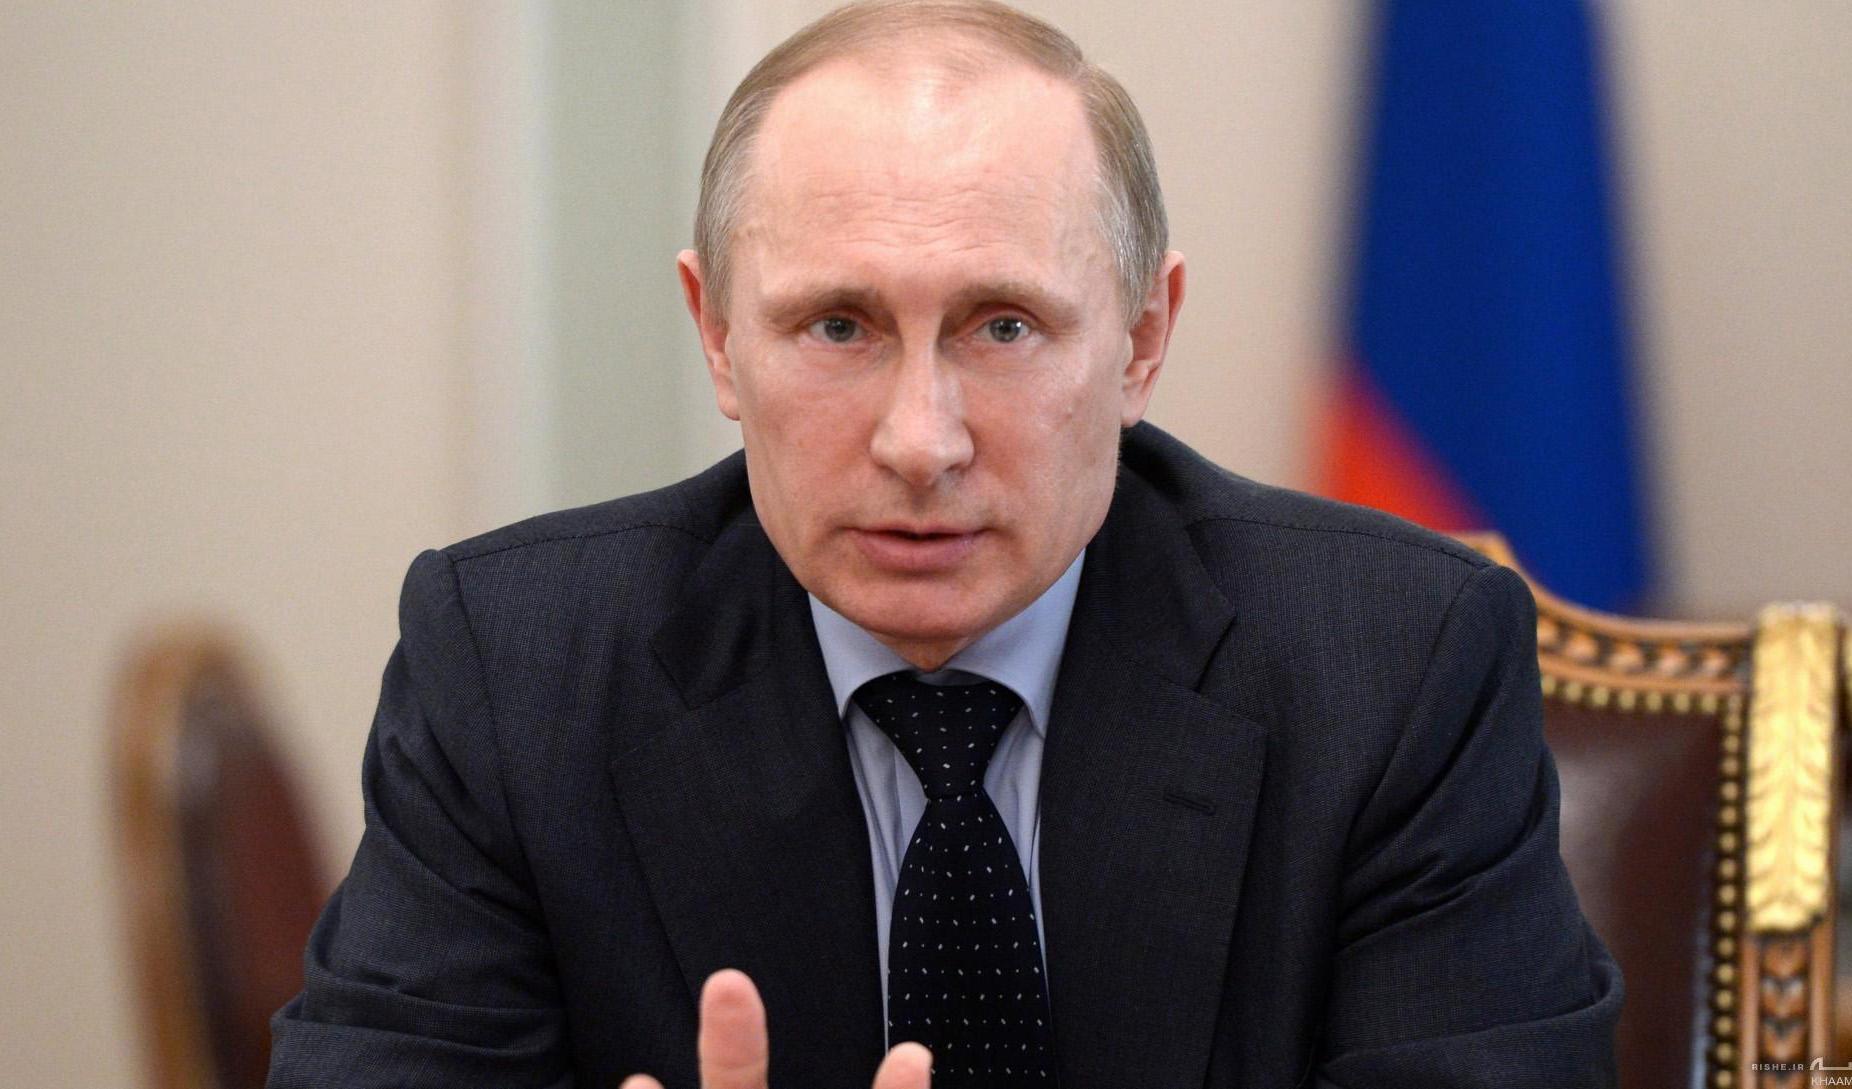 پوتین برنامهای برای مذاکره با عربستان درباره قیمت پایین نفت ندارد